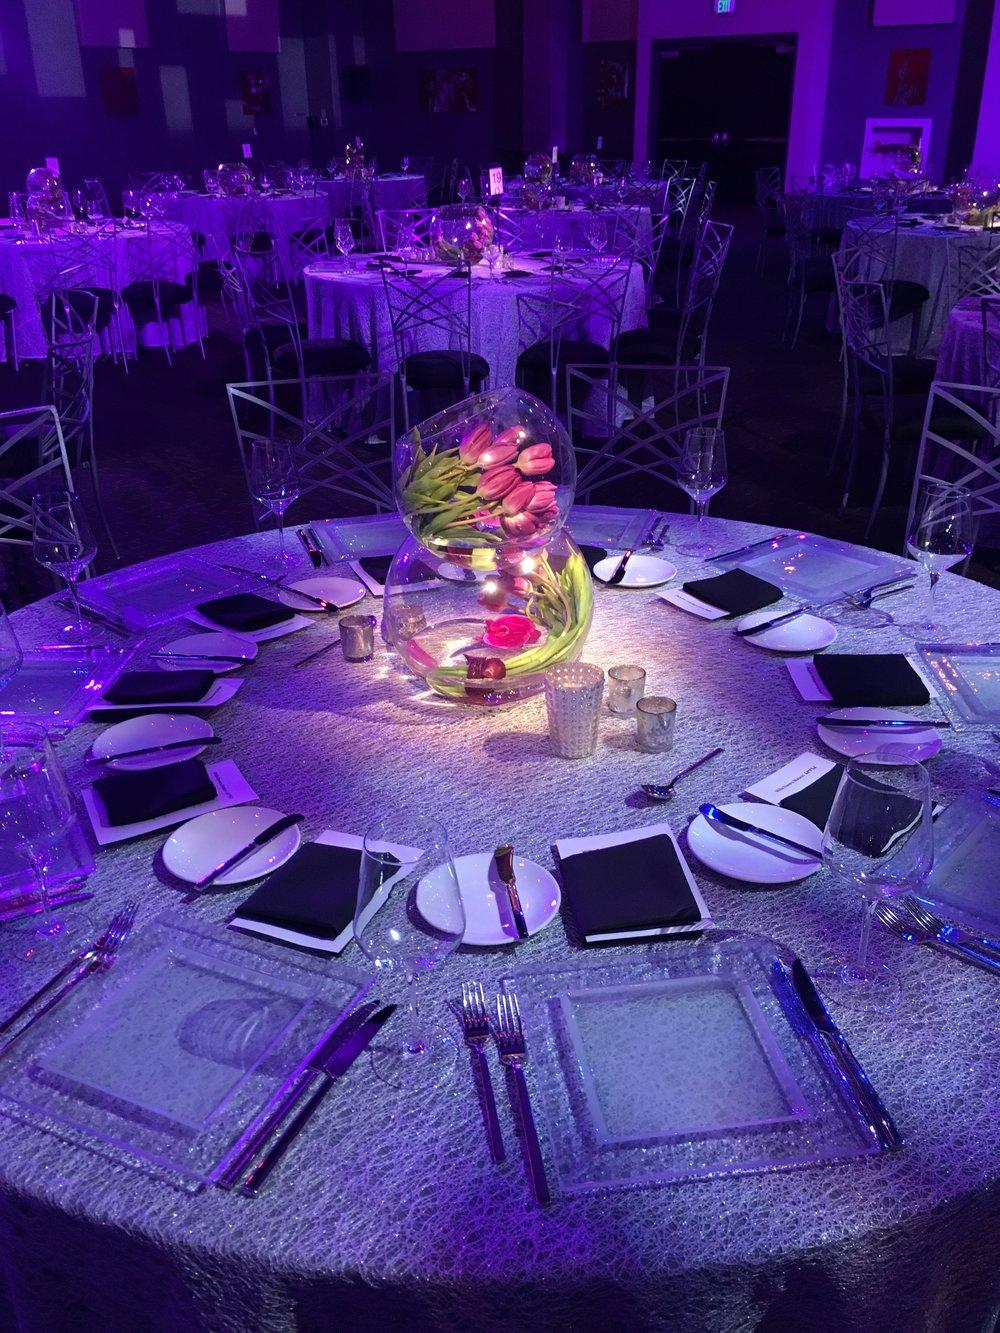 Purple-Tulips-Centerpiece-Corporate-Dinner.jpg